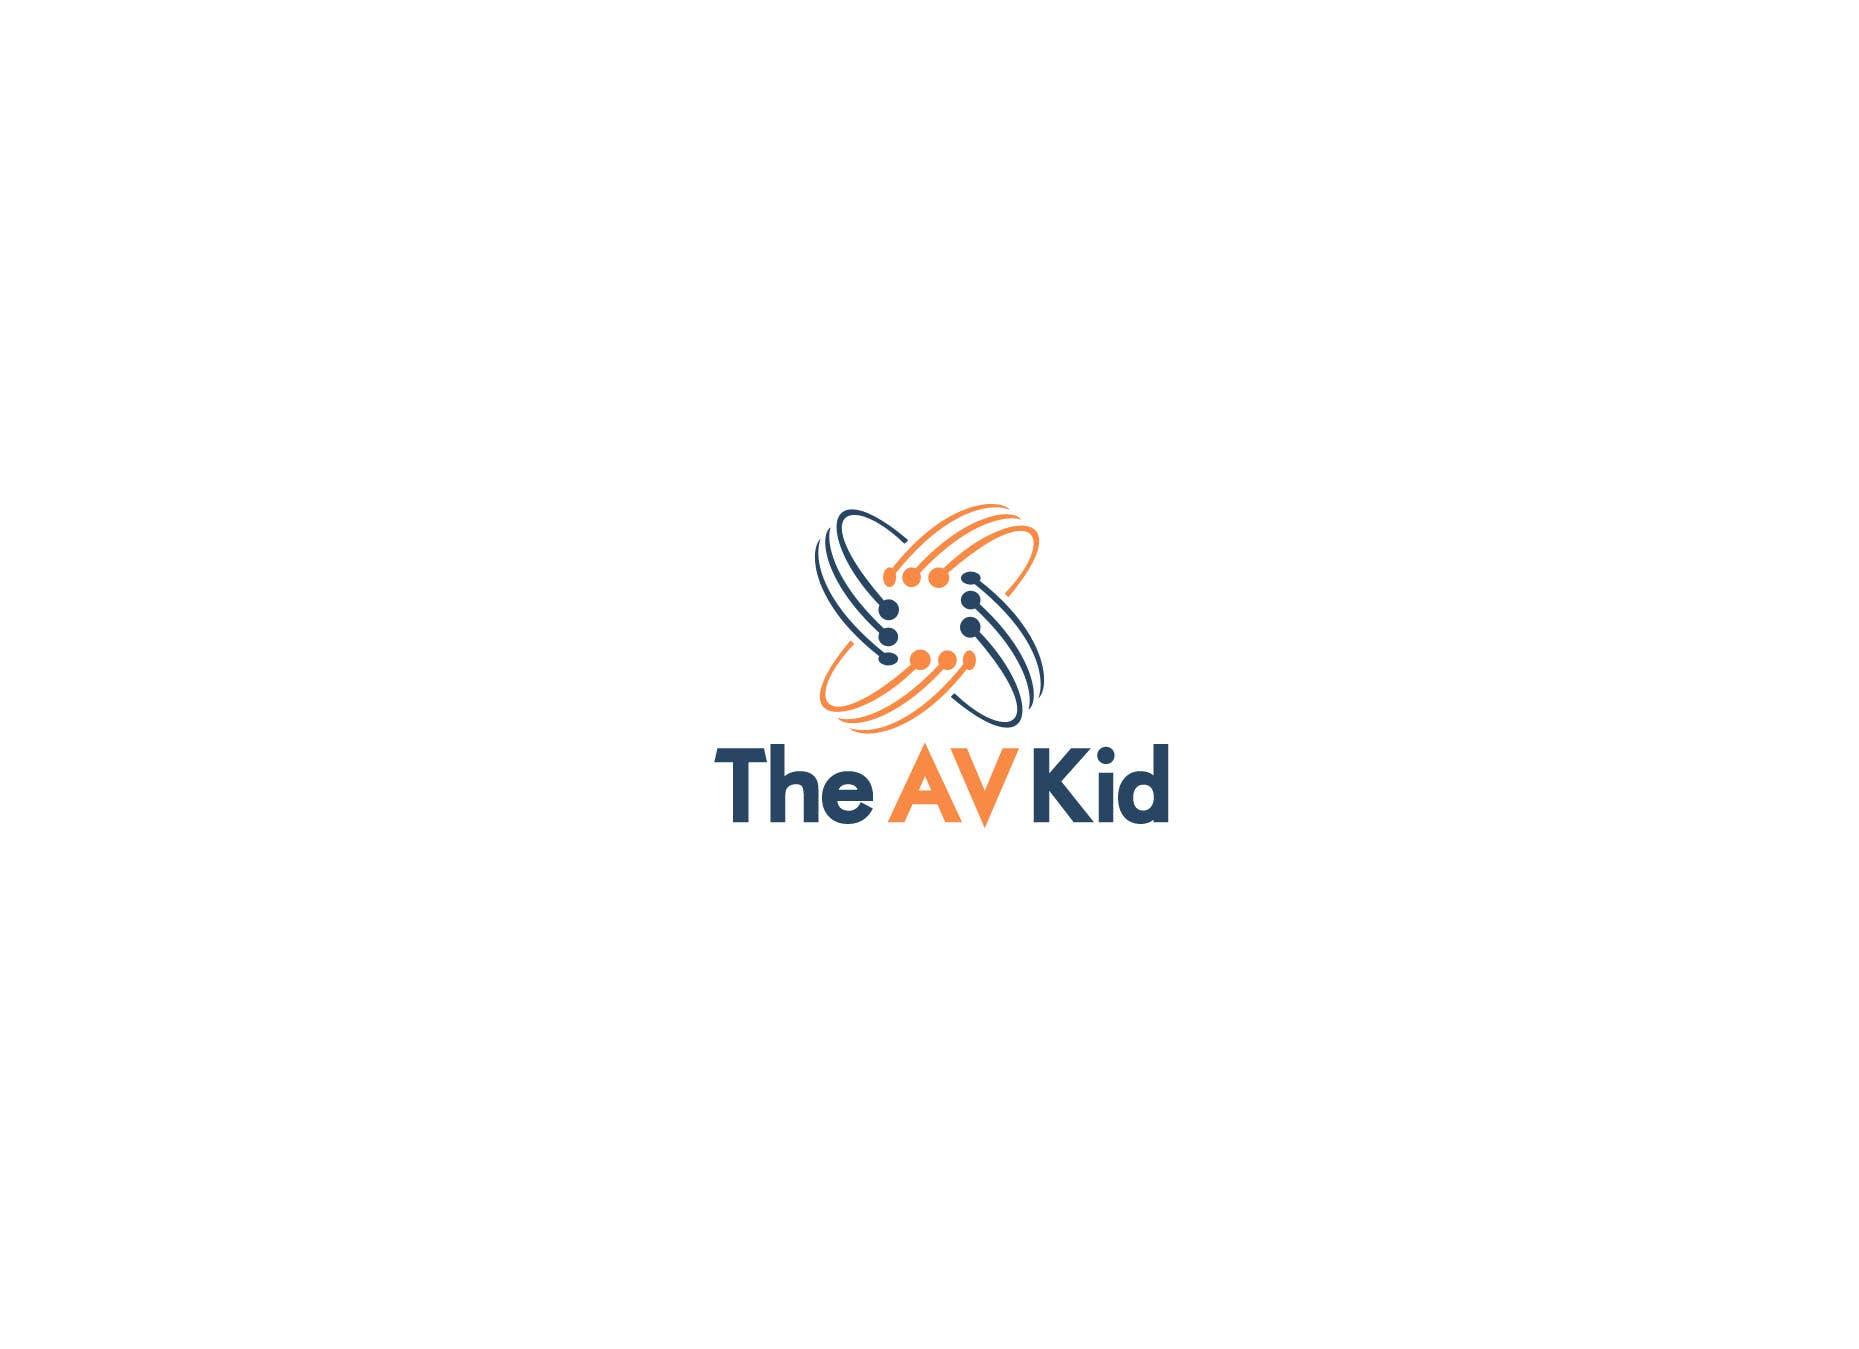 The AV Kid